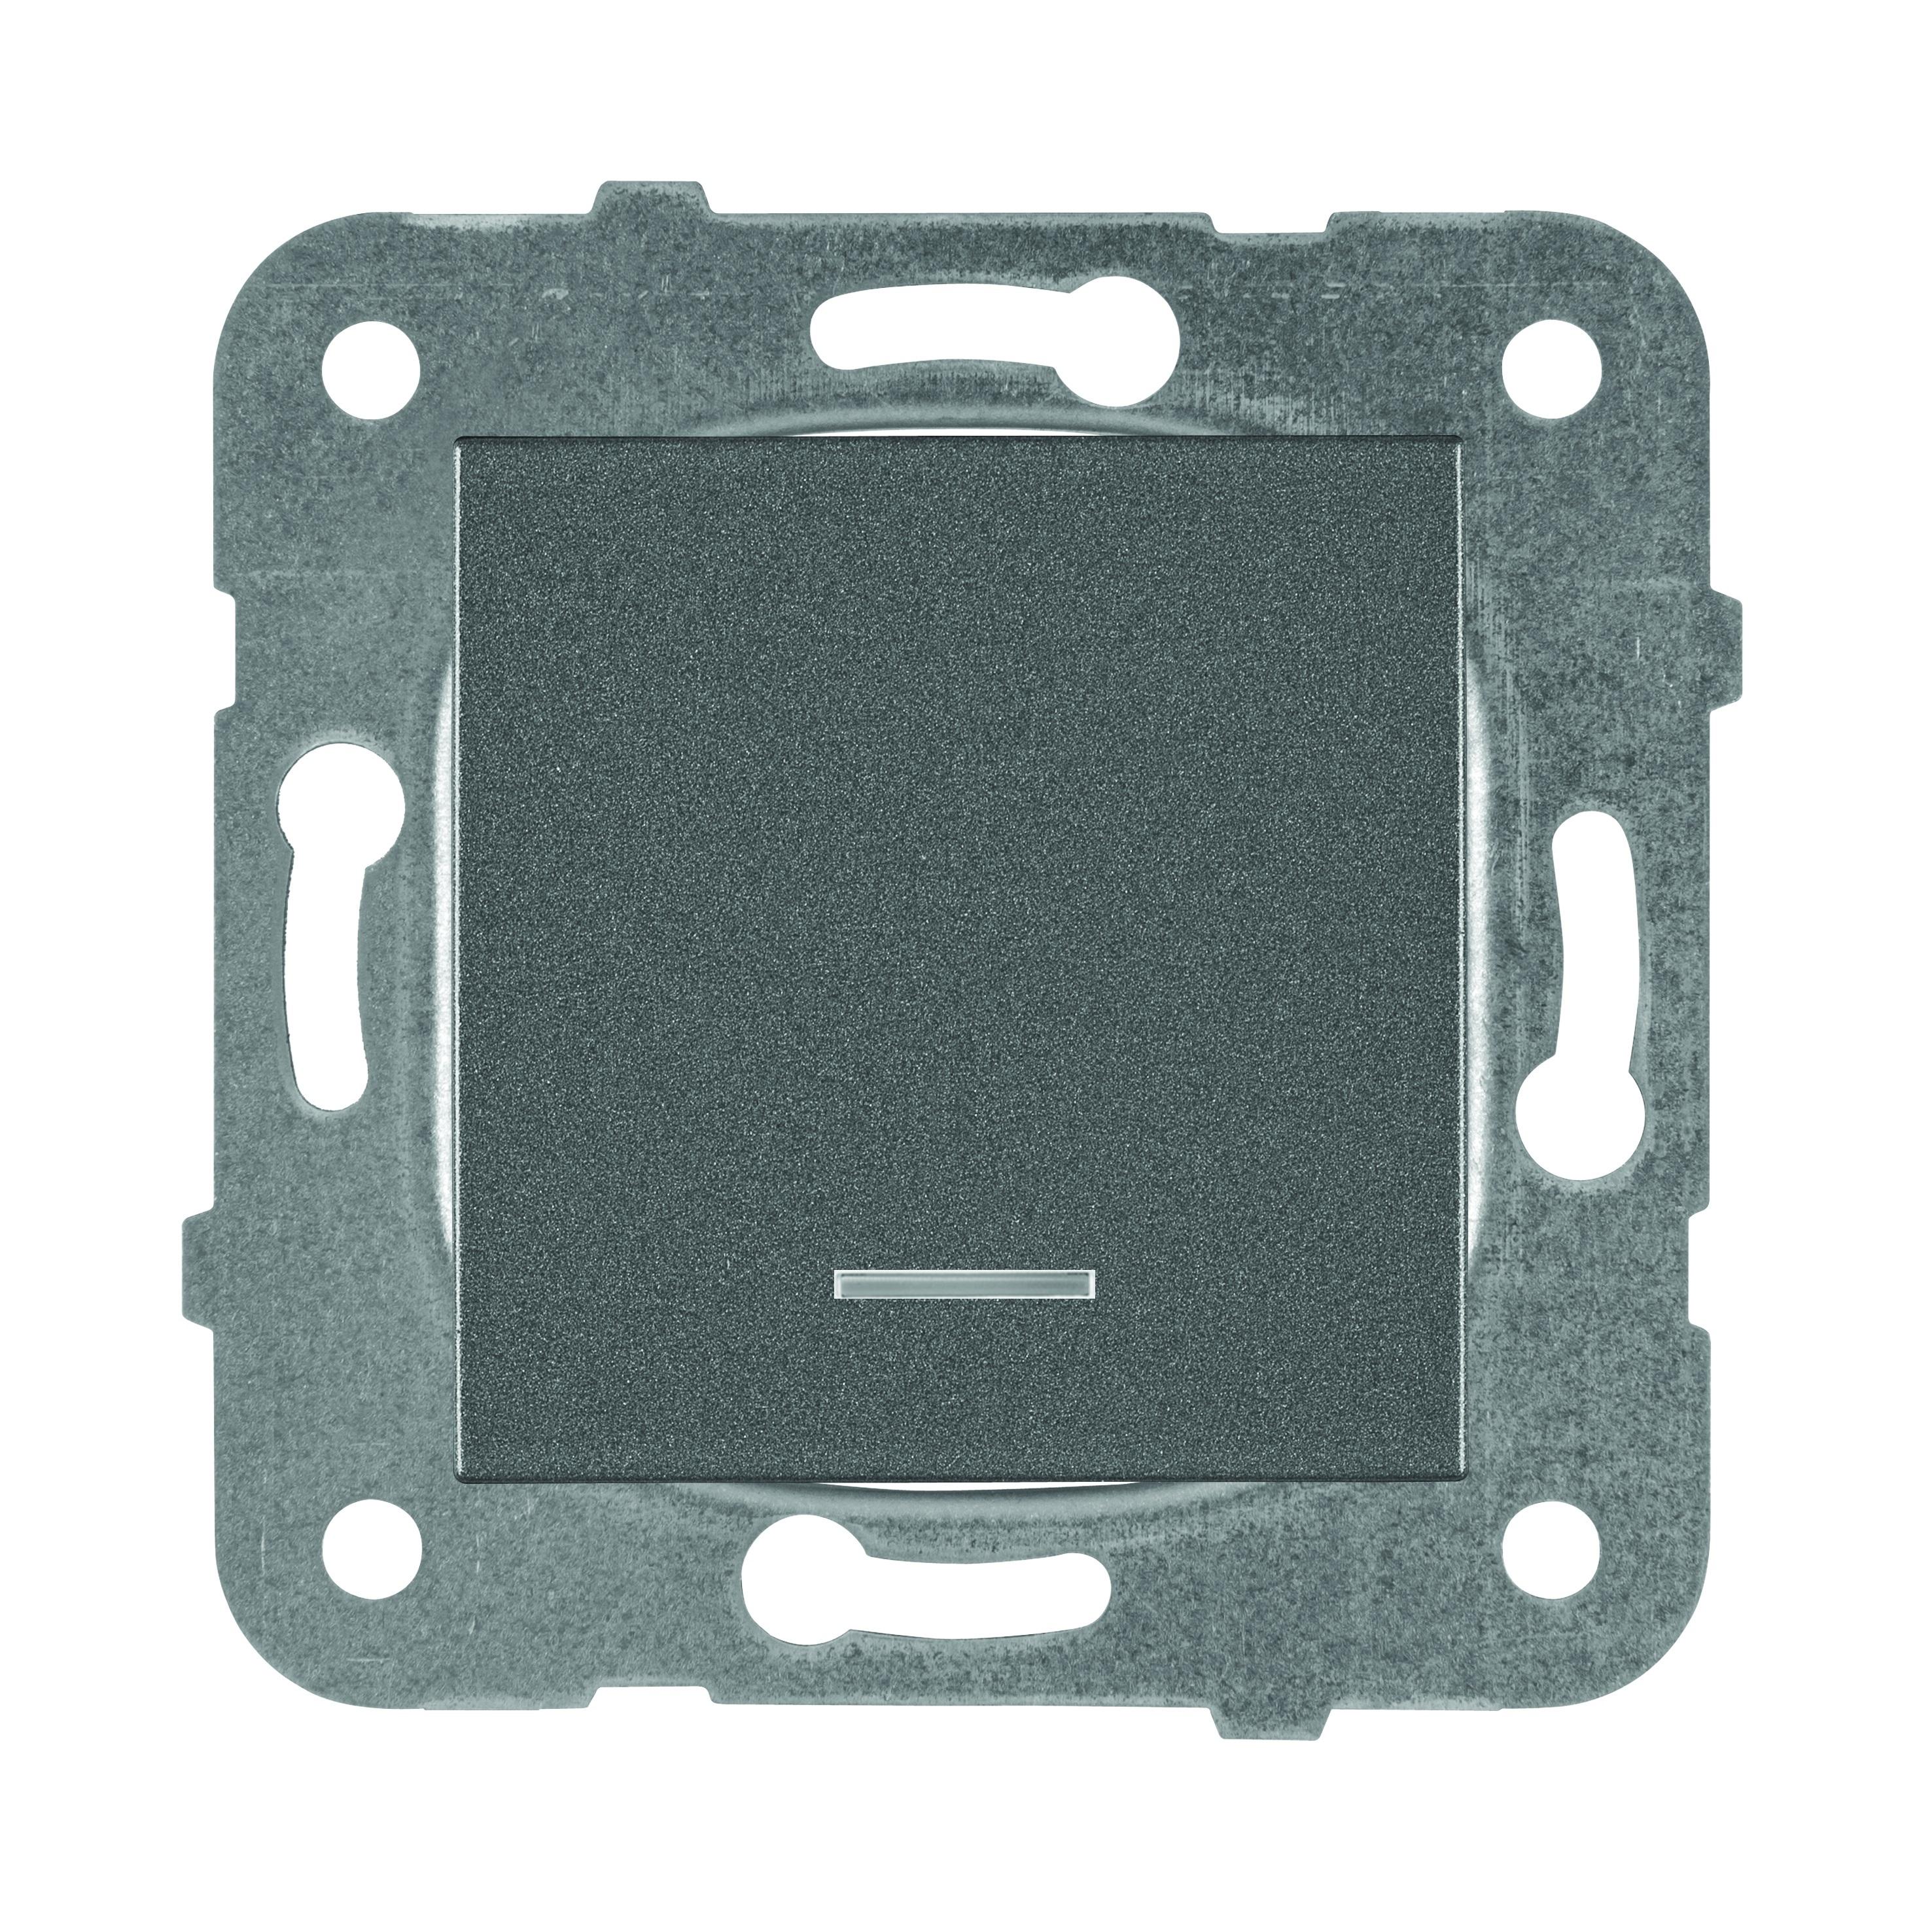 Выключатель 1кл с подсветкой, тёмно-серый Karre Plus